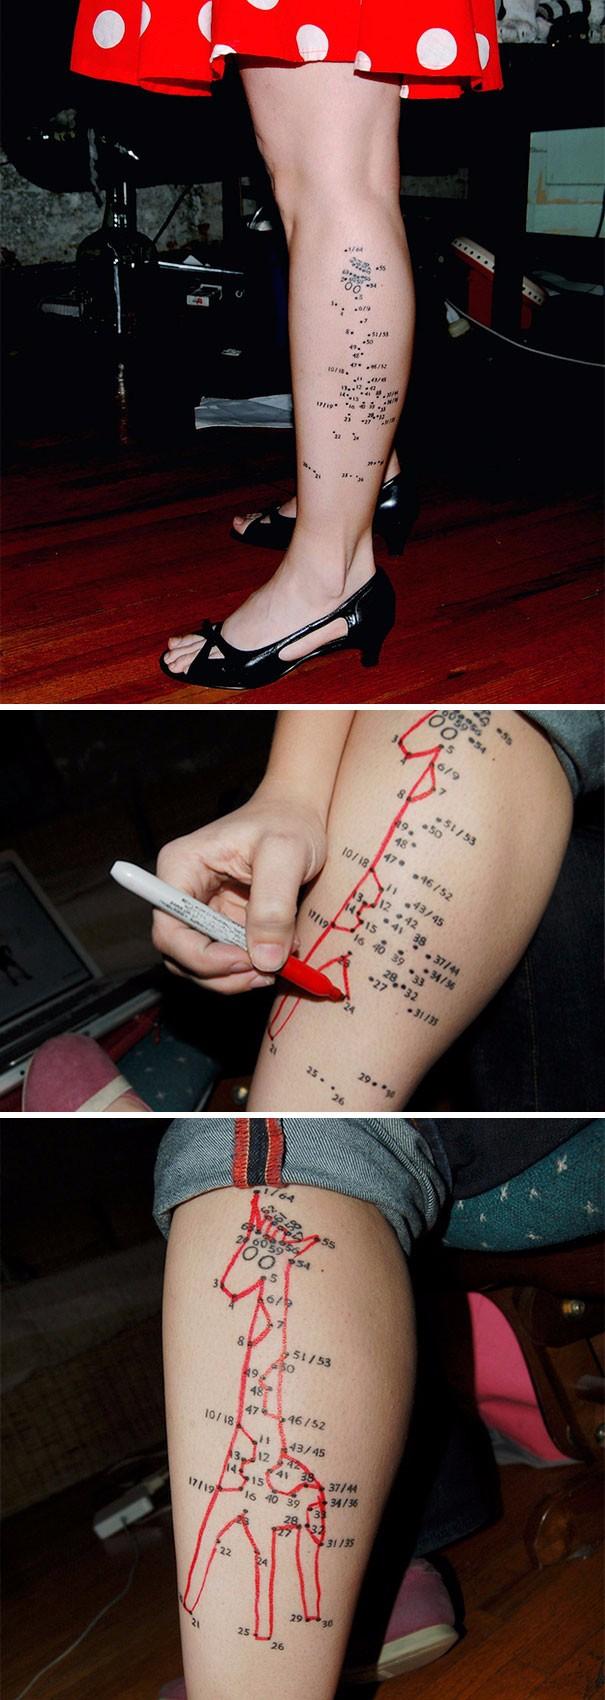 10 Tajemniczych Tatuaży O Ukrytym Znaczeniu